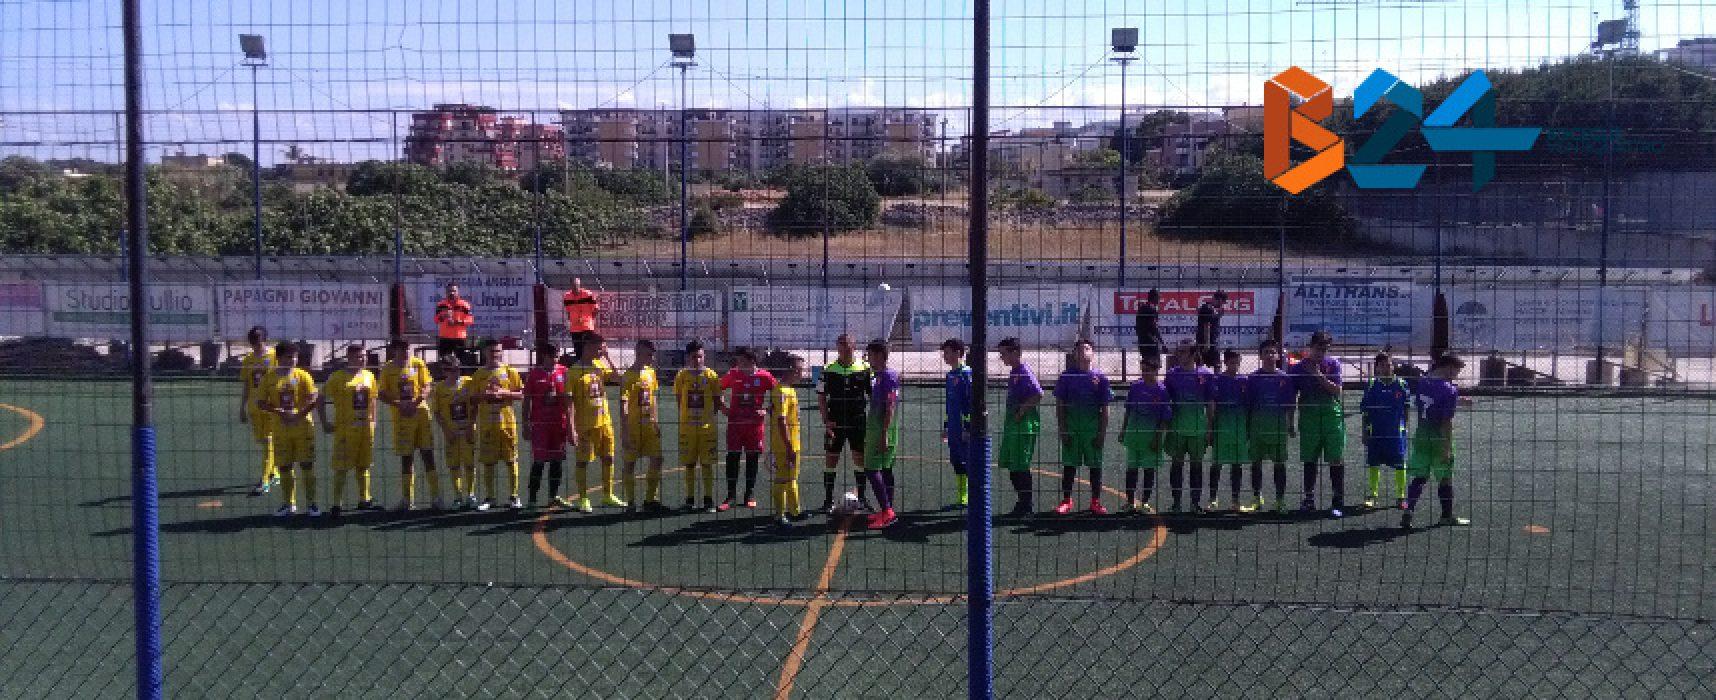 Calcio a 5 Giovanissimi: Santos Club raggiunto dal Napoli nel finale, sfumano le finali scudetto